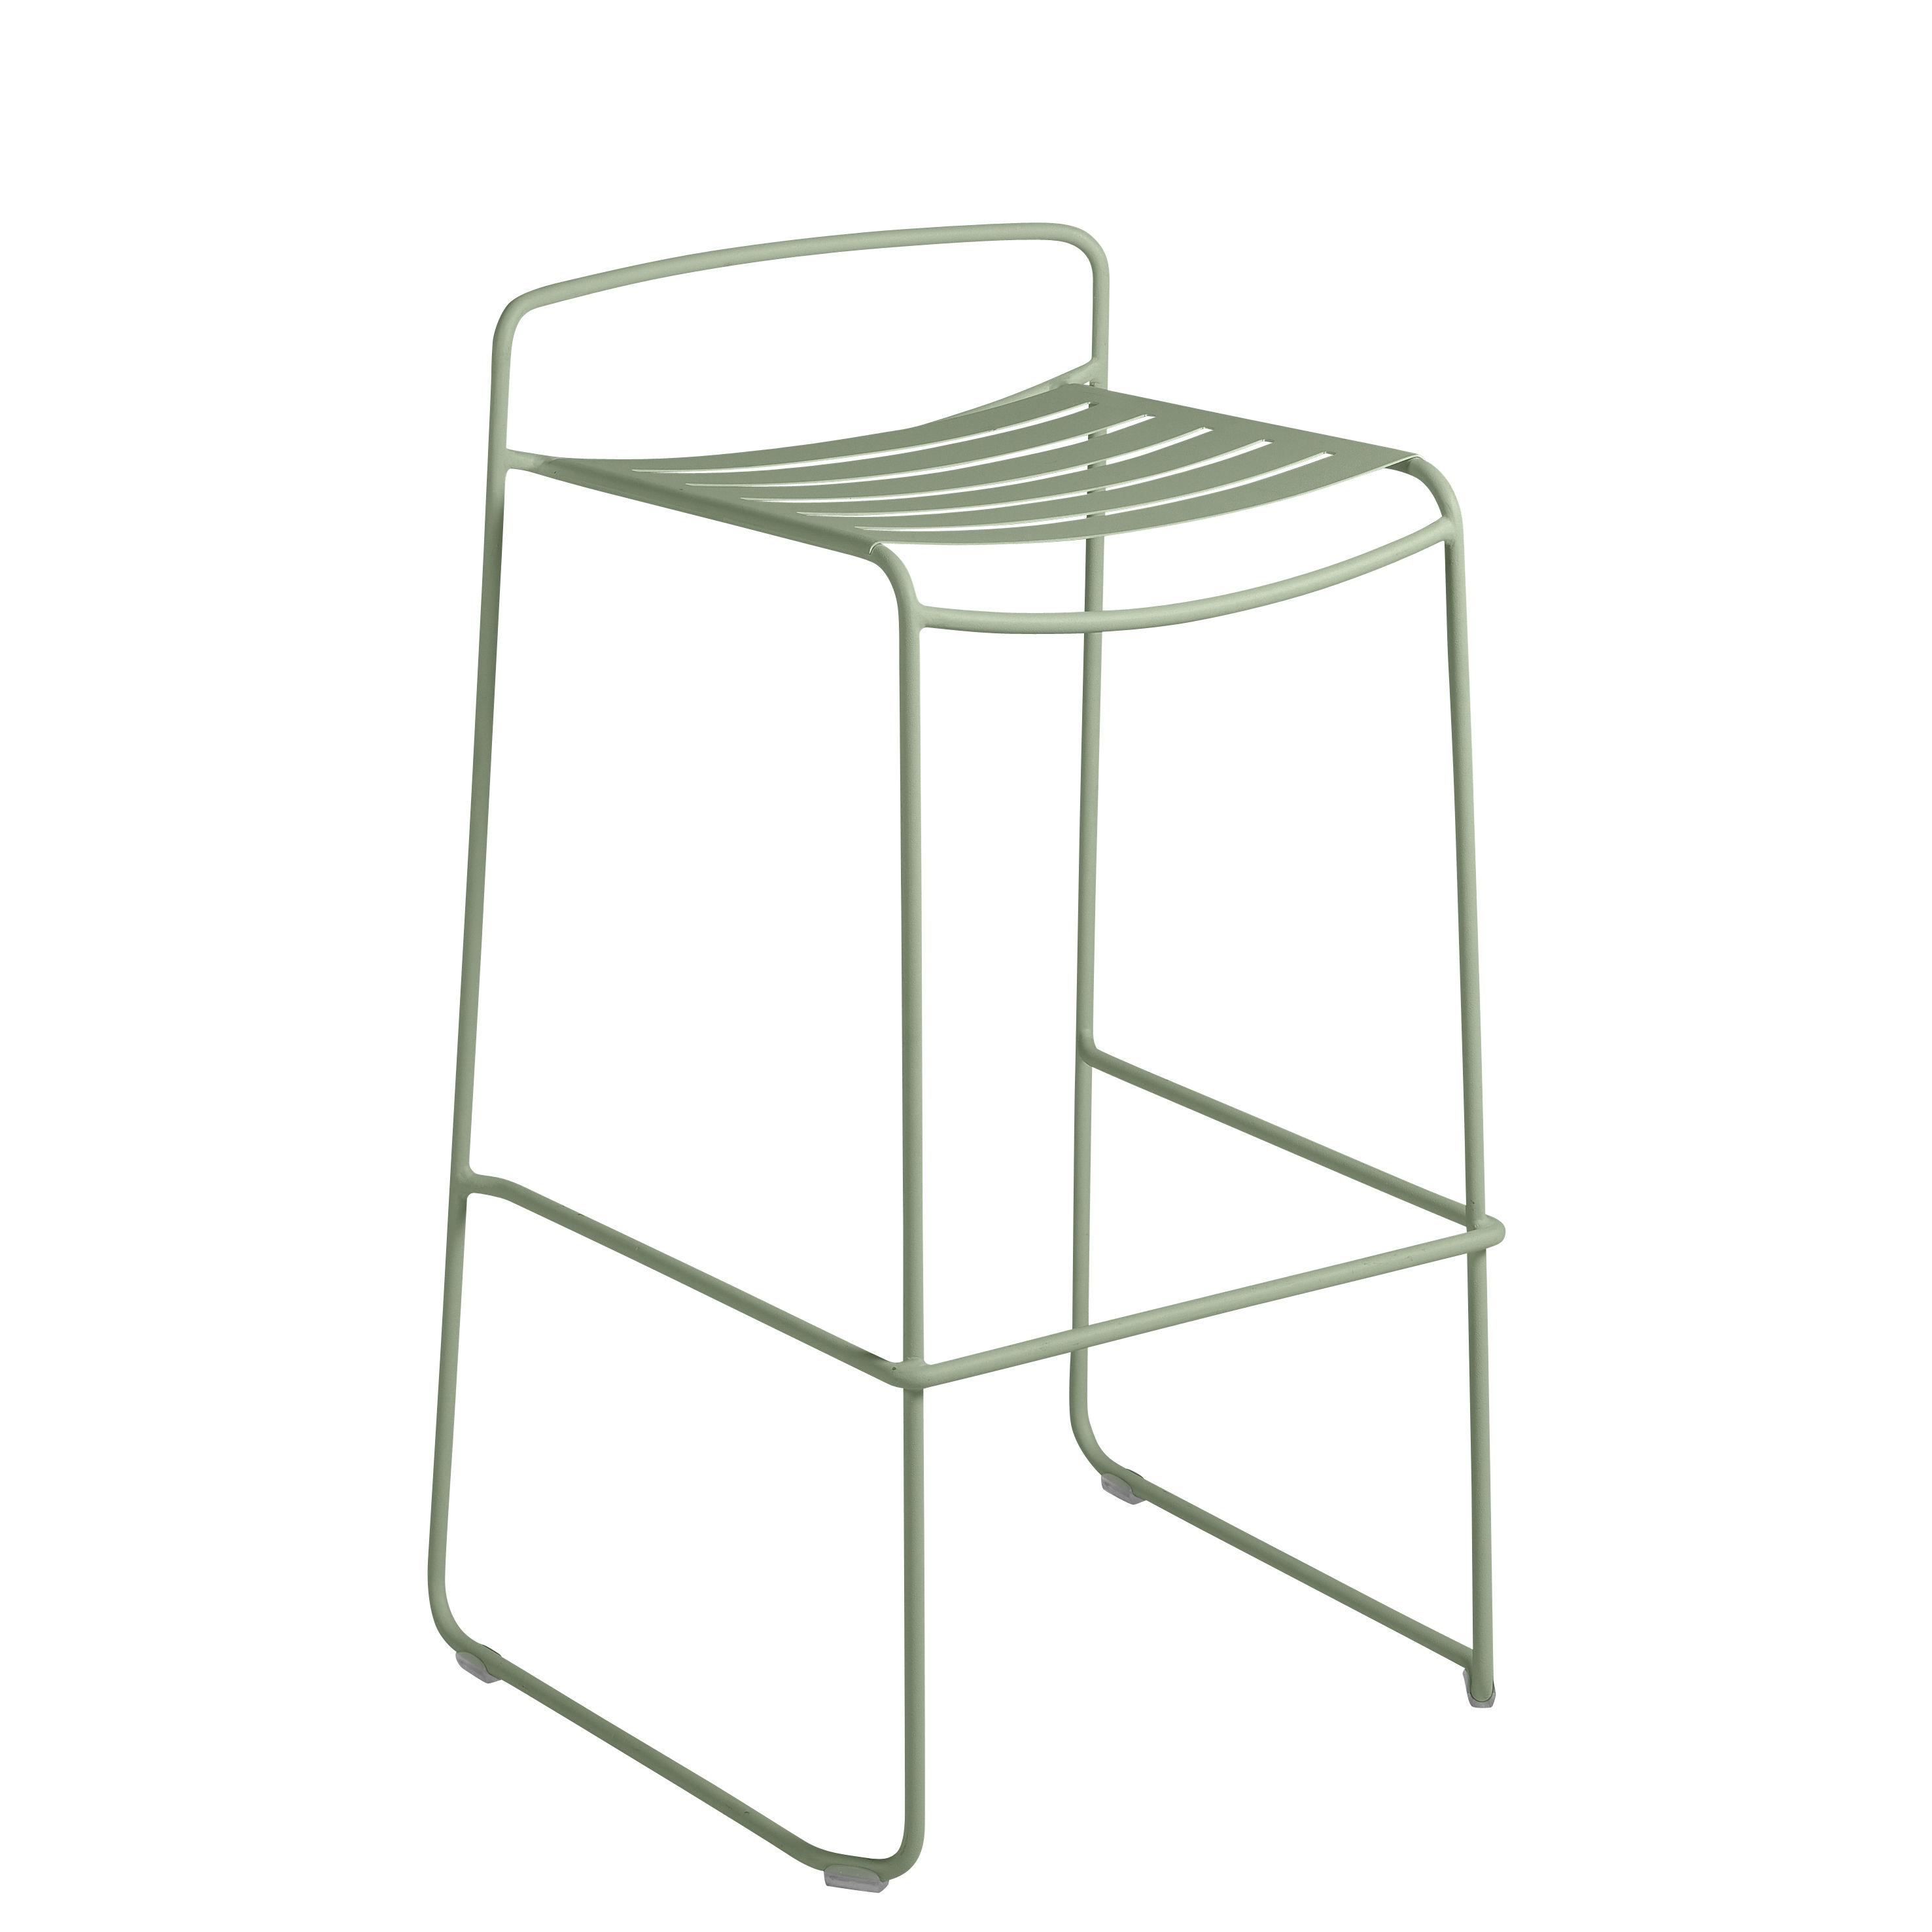 Möbel - Barhocker - Surprising Barhocker / Metall - H 78 cm - Fermob - Kaktus - bemalter Stahl